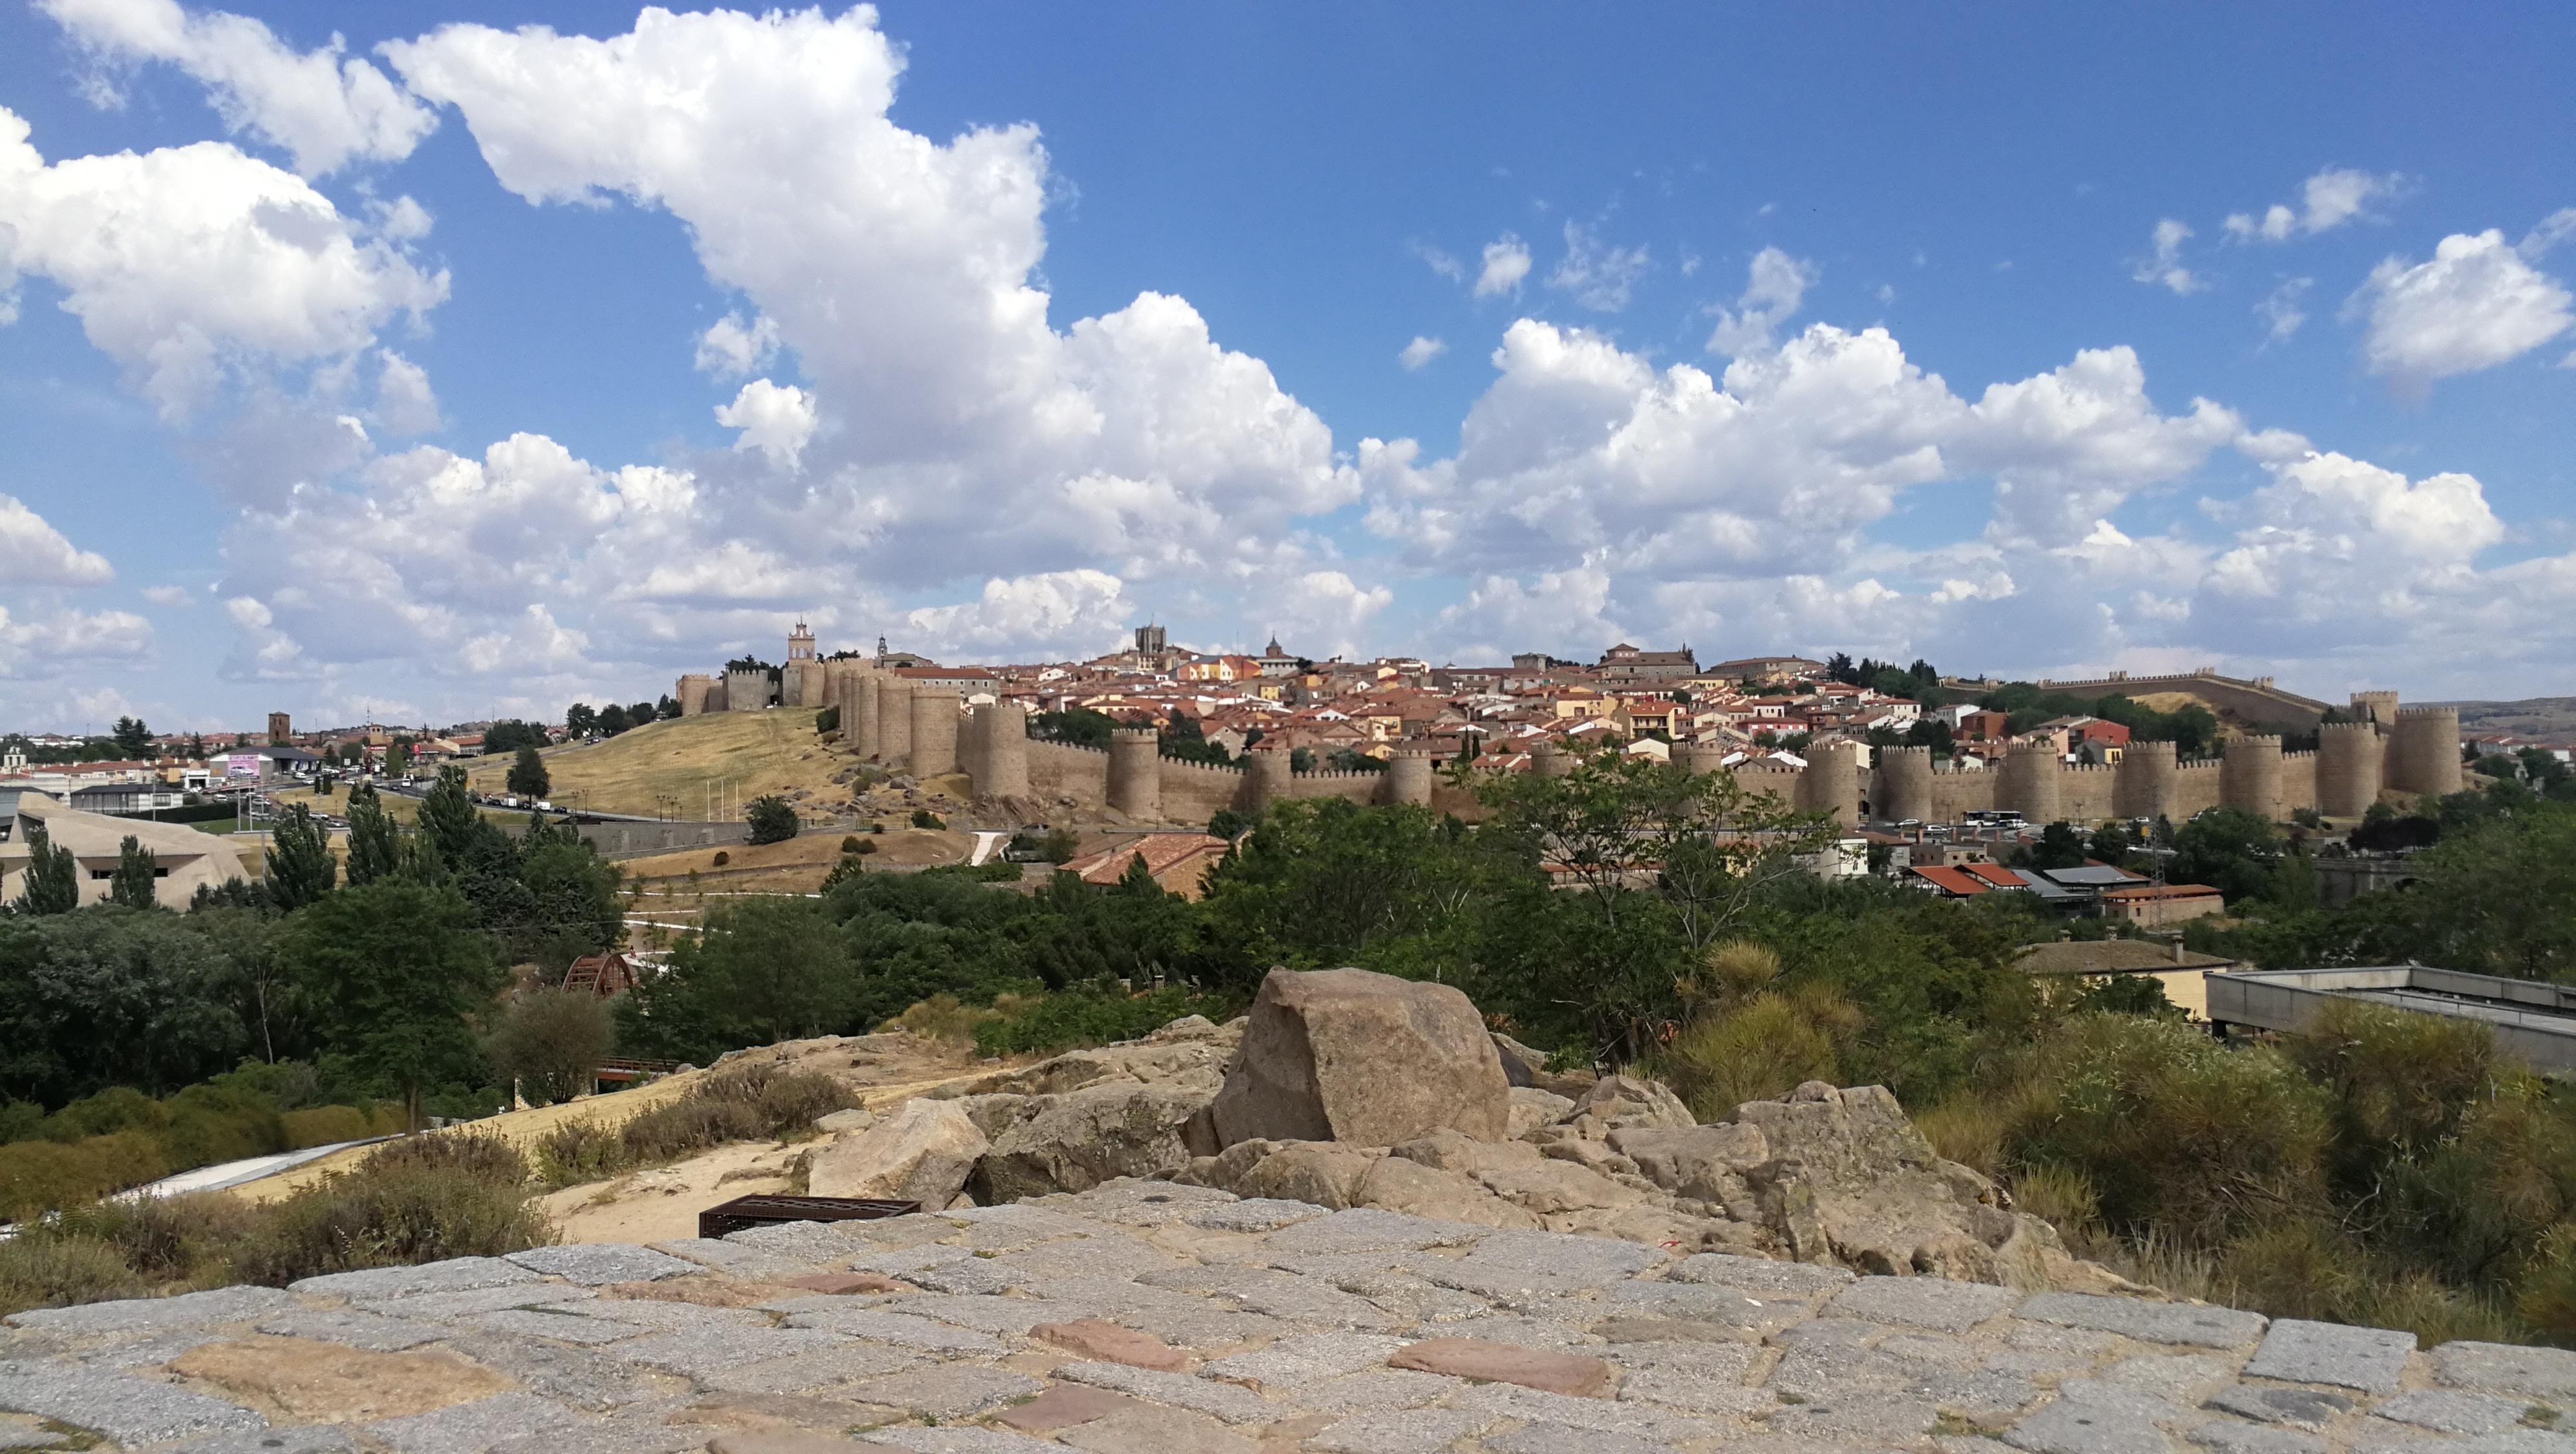 Typische spanische Stadt mit Festungsmauer